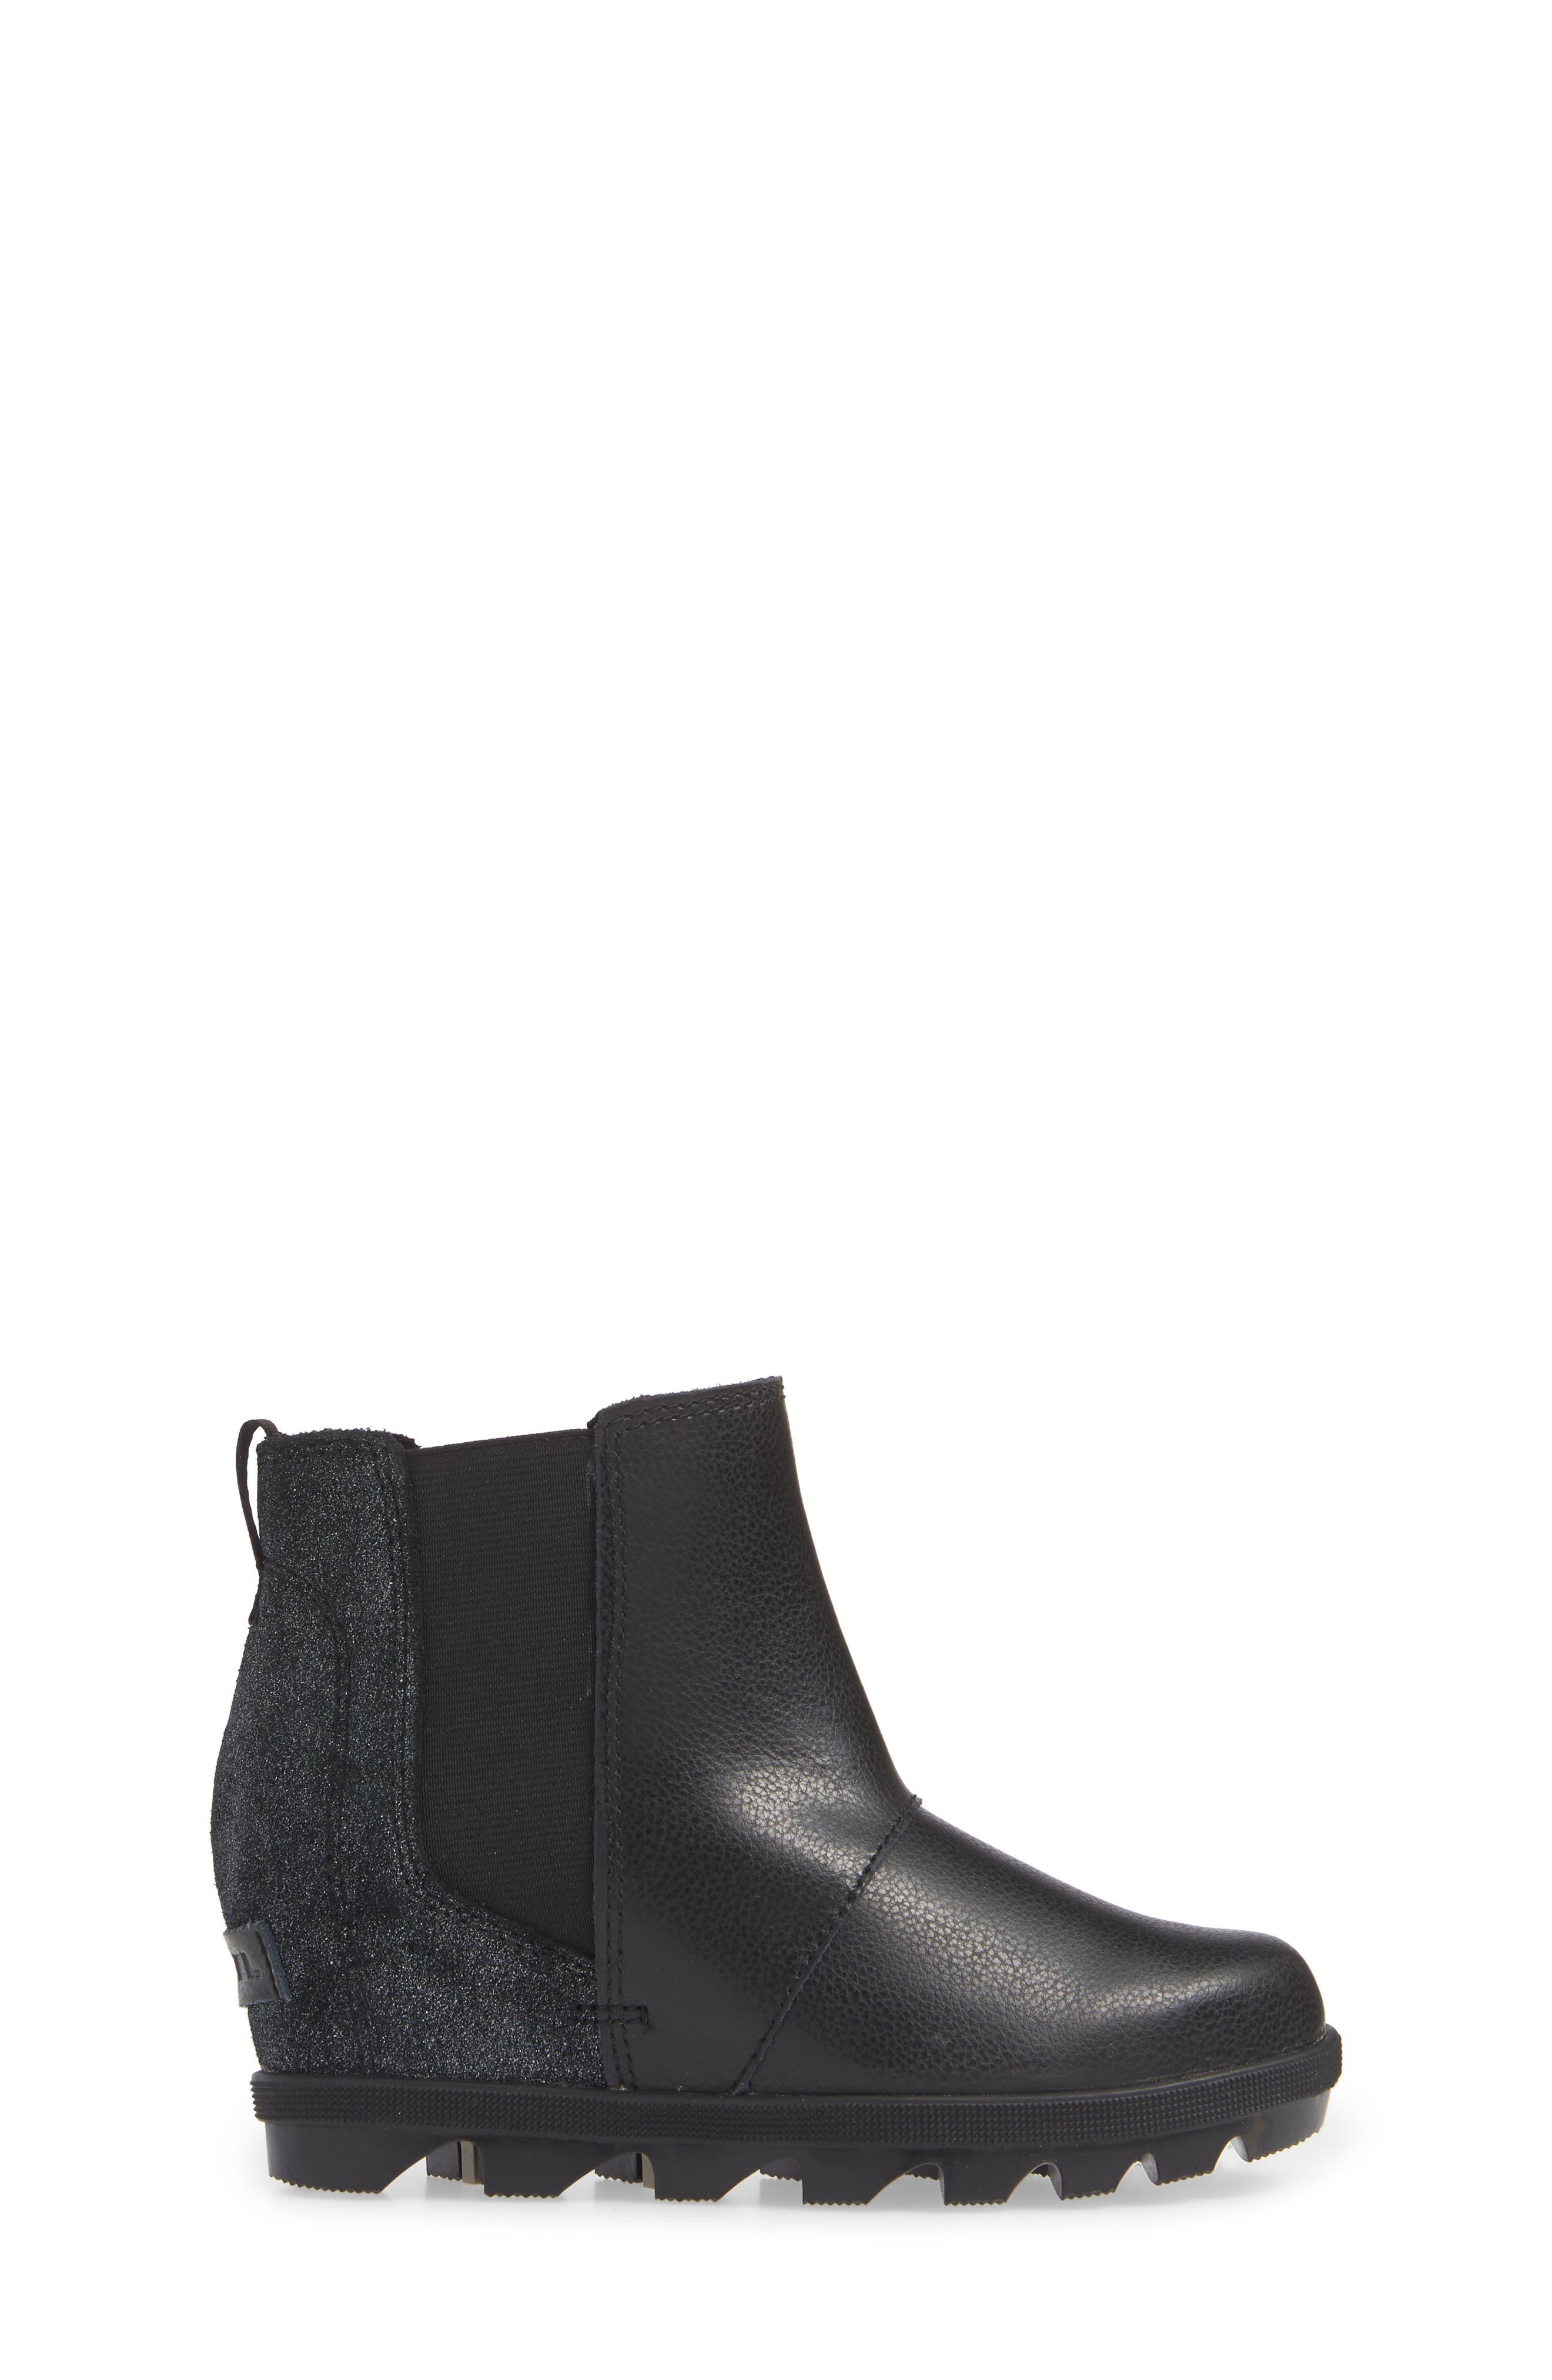 Joan of Arc II Waterproof Wedge Chelsea Boot,                             Alternate thumbnail 3, color,                             BLACK